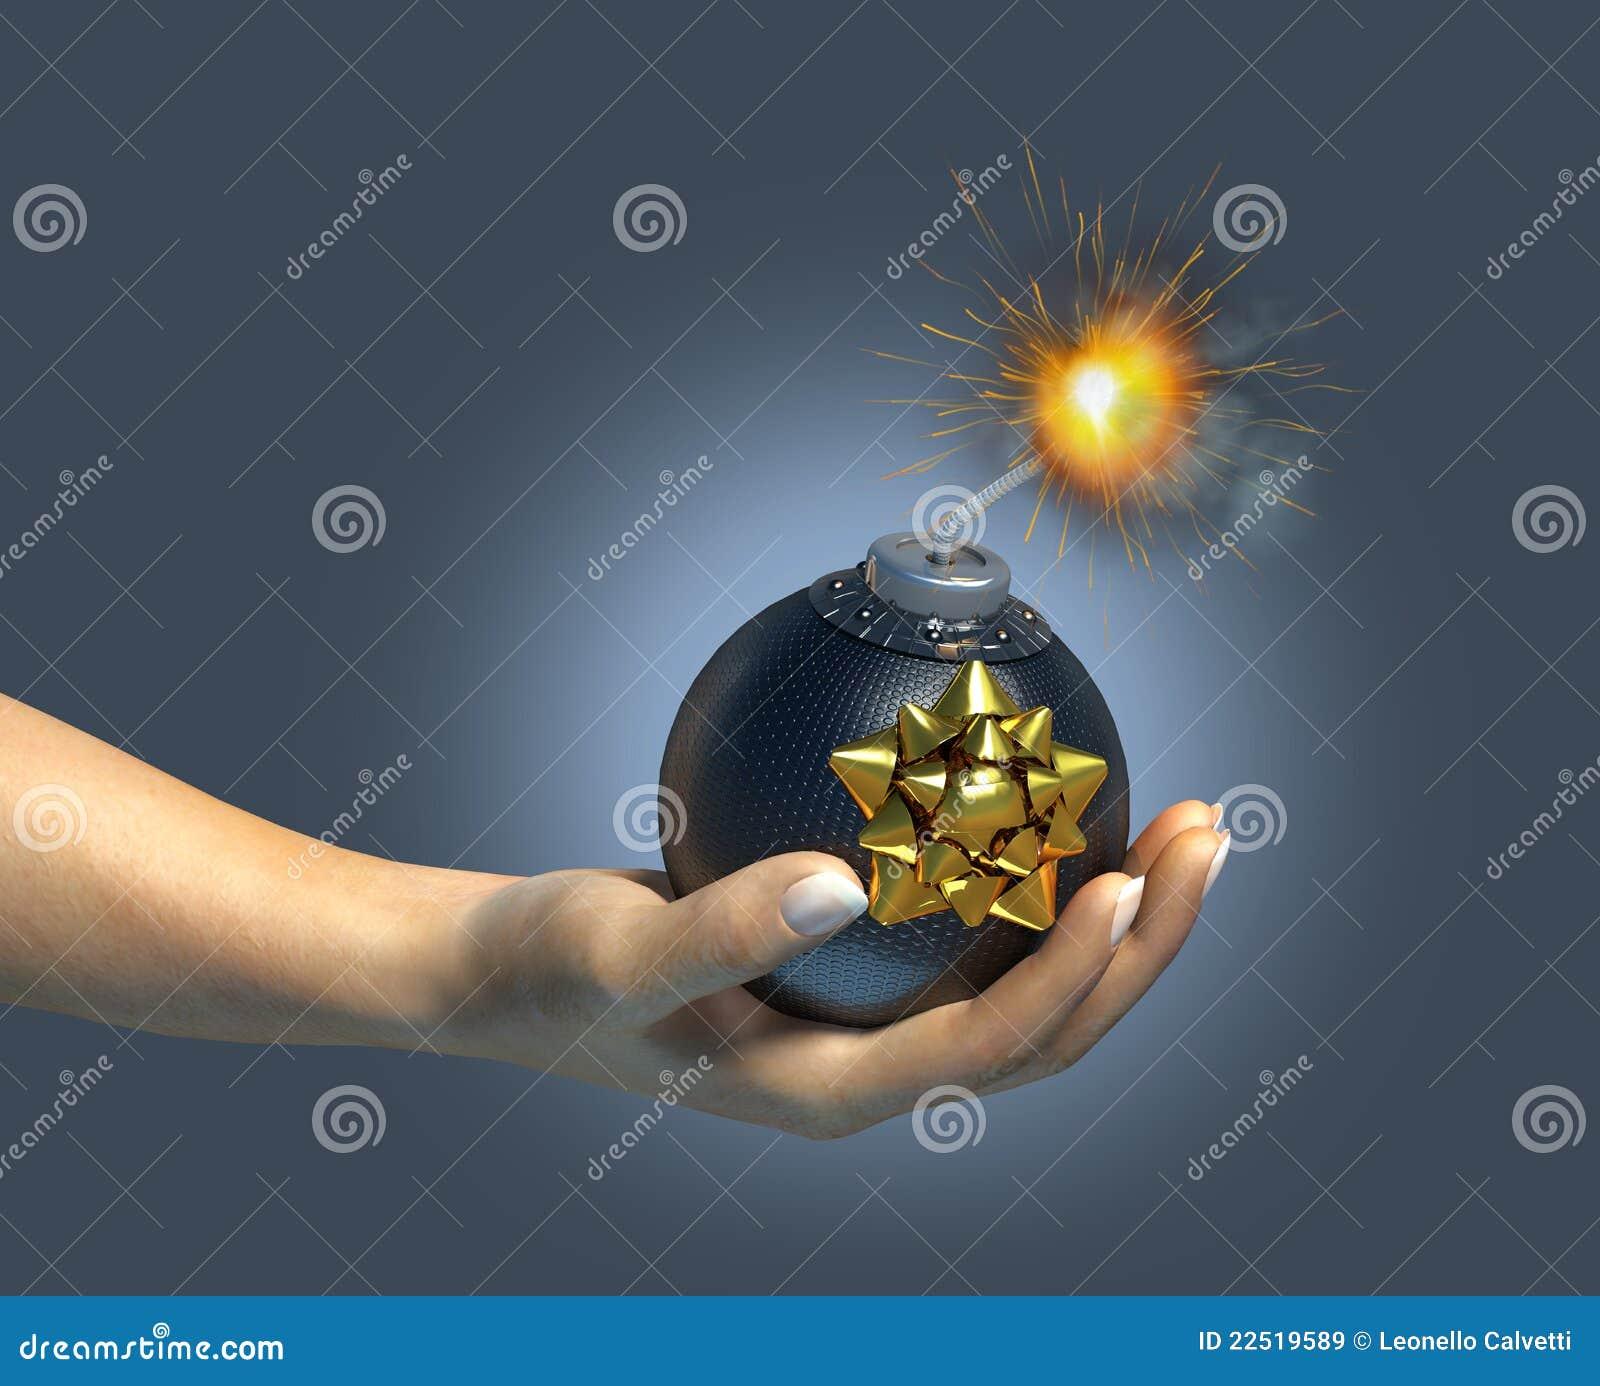 Mano humana que sostiene una bomba/un regalo típicos.